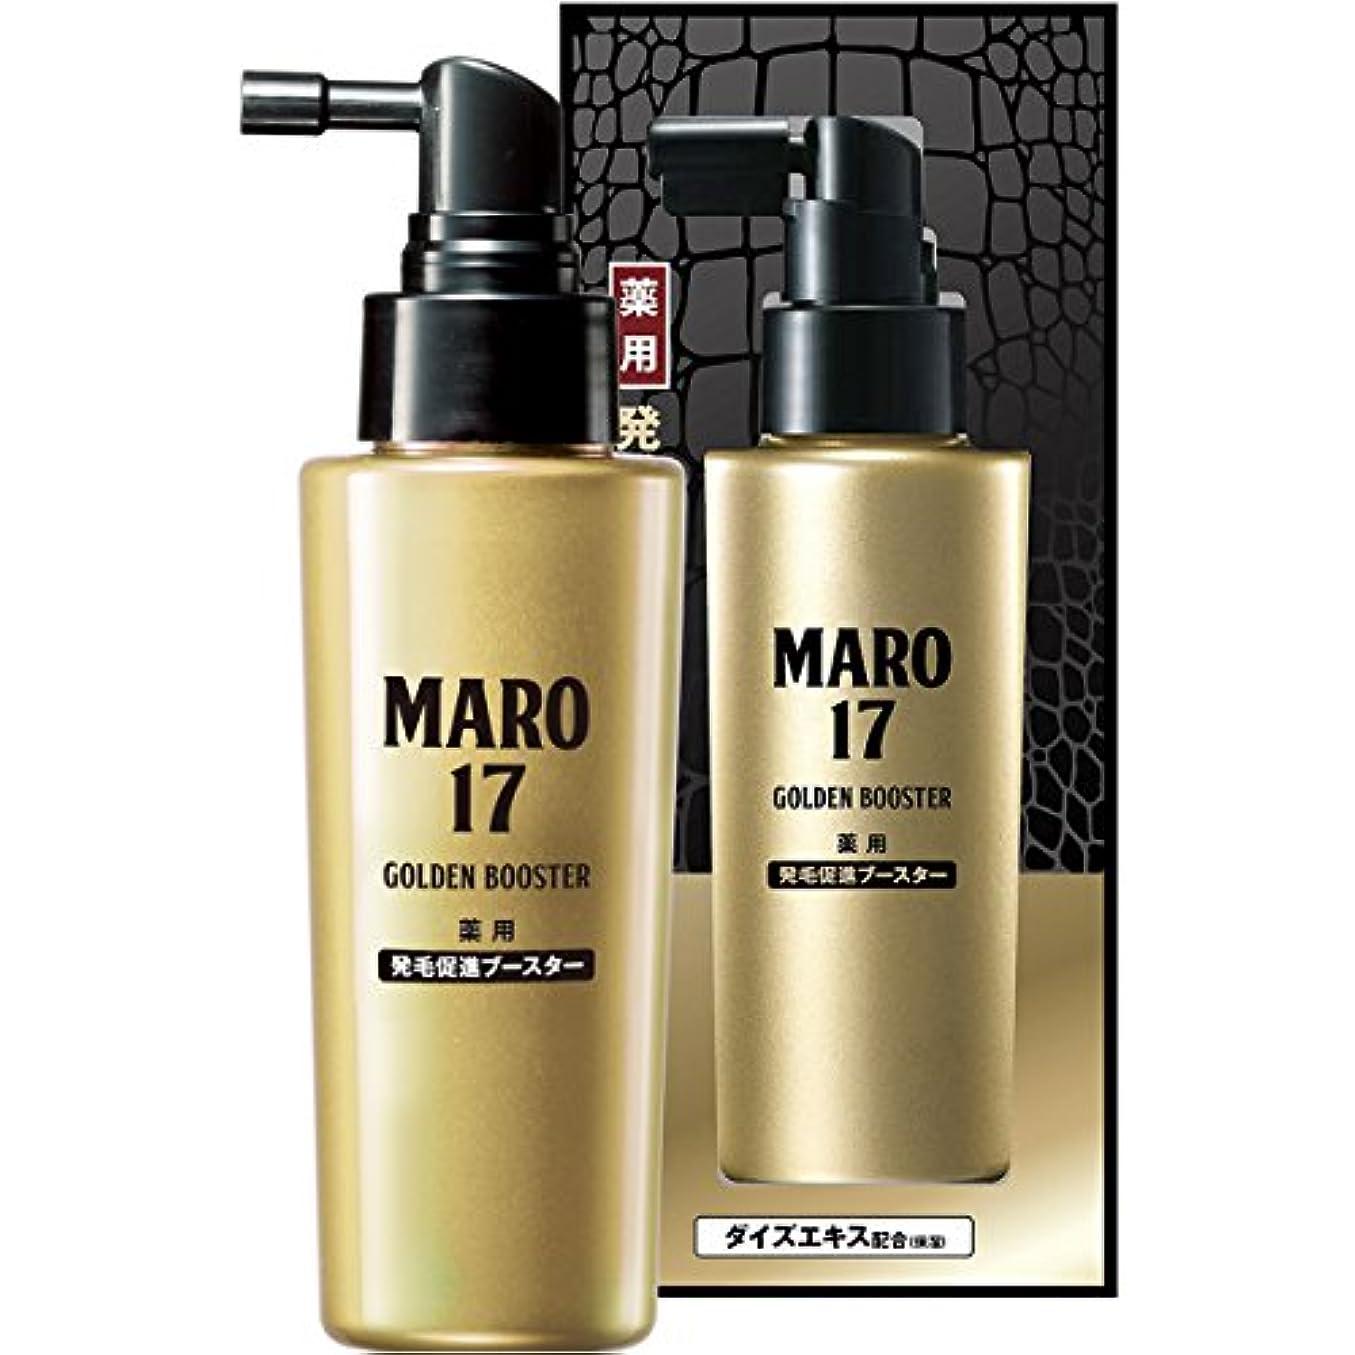 終了しましたクルー施しMARO17 薬用 発毛促進ブースター 100ml (約1ヶ月分)【医薬部外品】